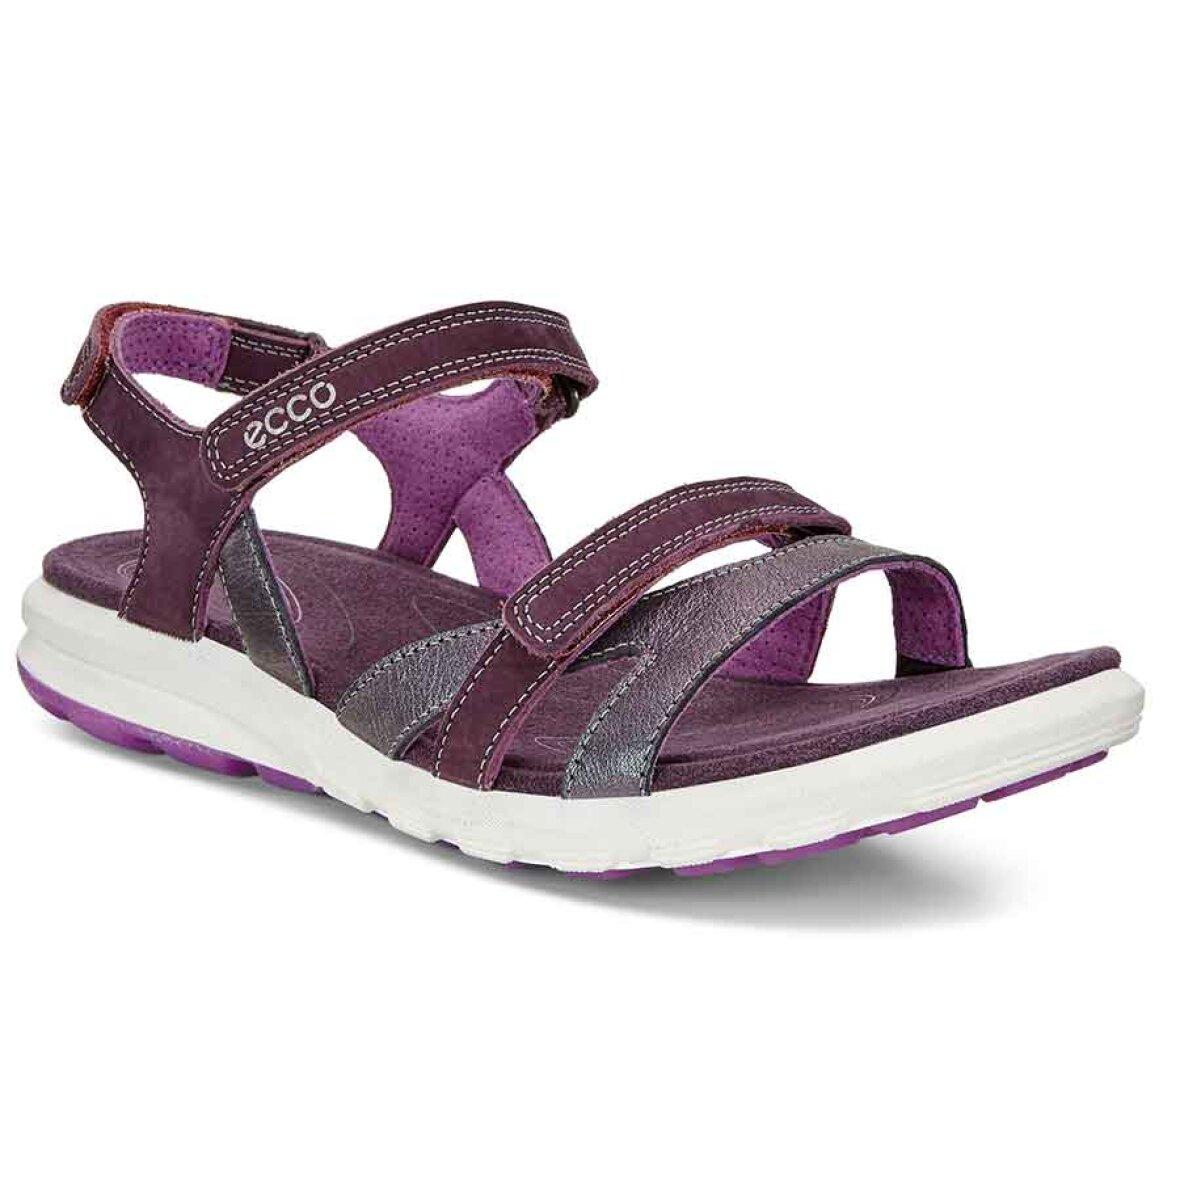 lækre sandaler til kvinder